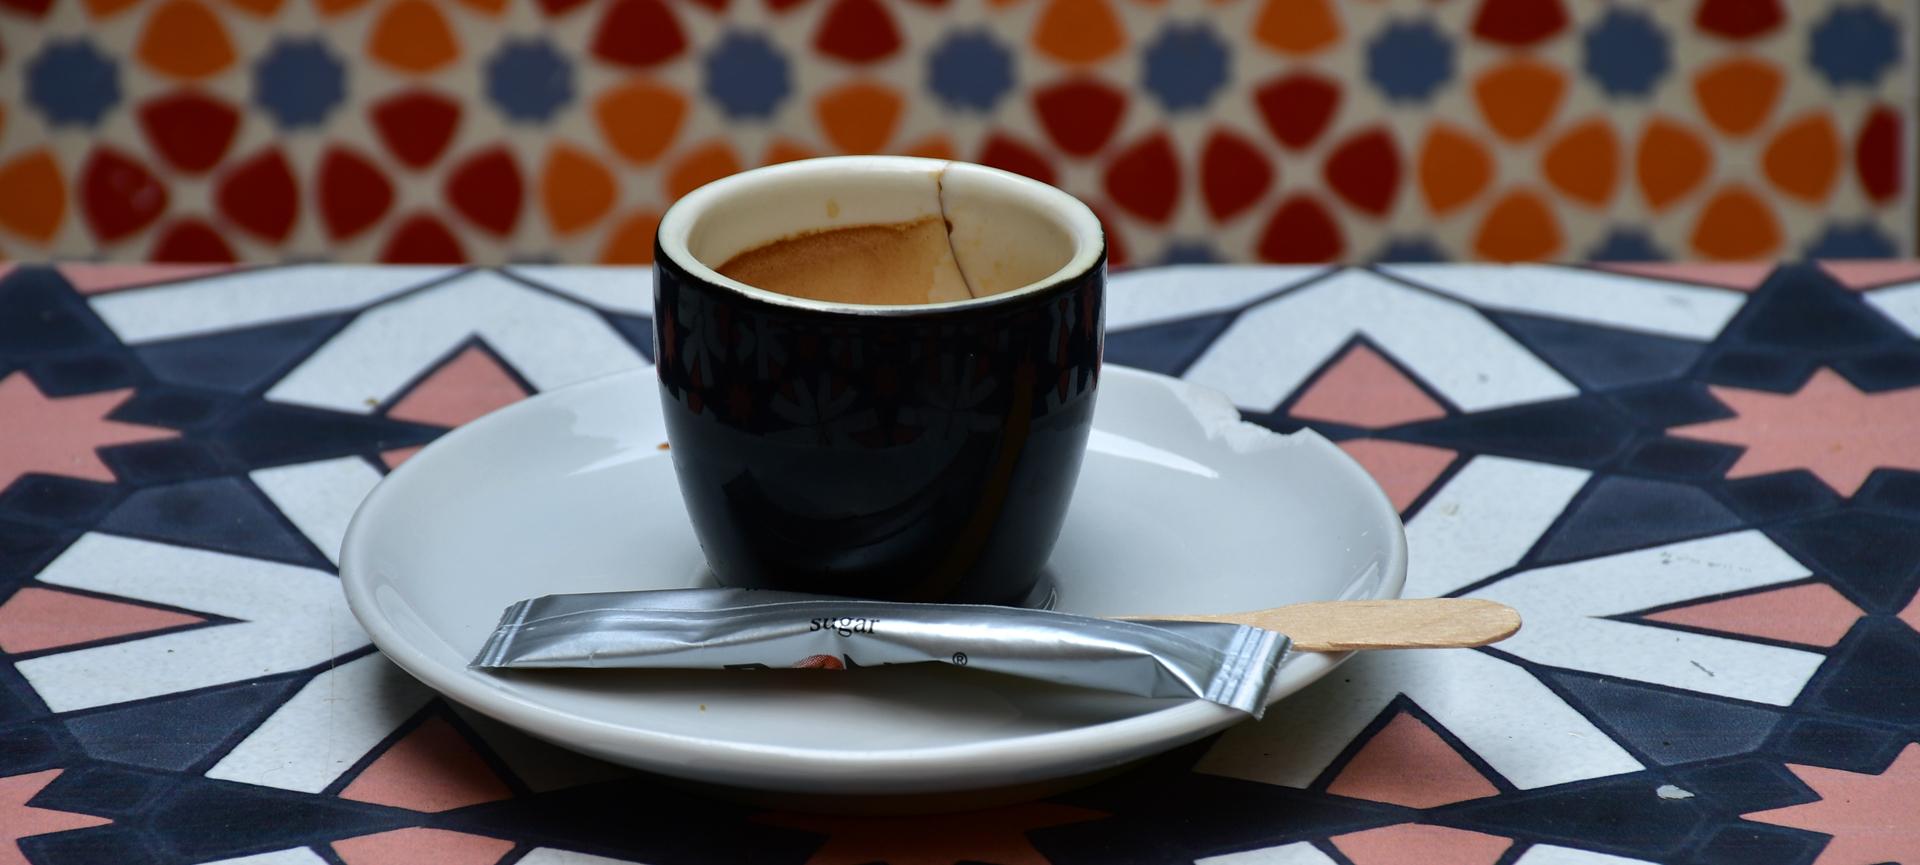 קפה - יואל שתרוג - אדמה יוצרת - yoel sitruk - קפה חובק עולם